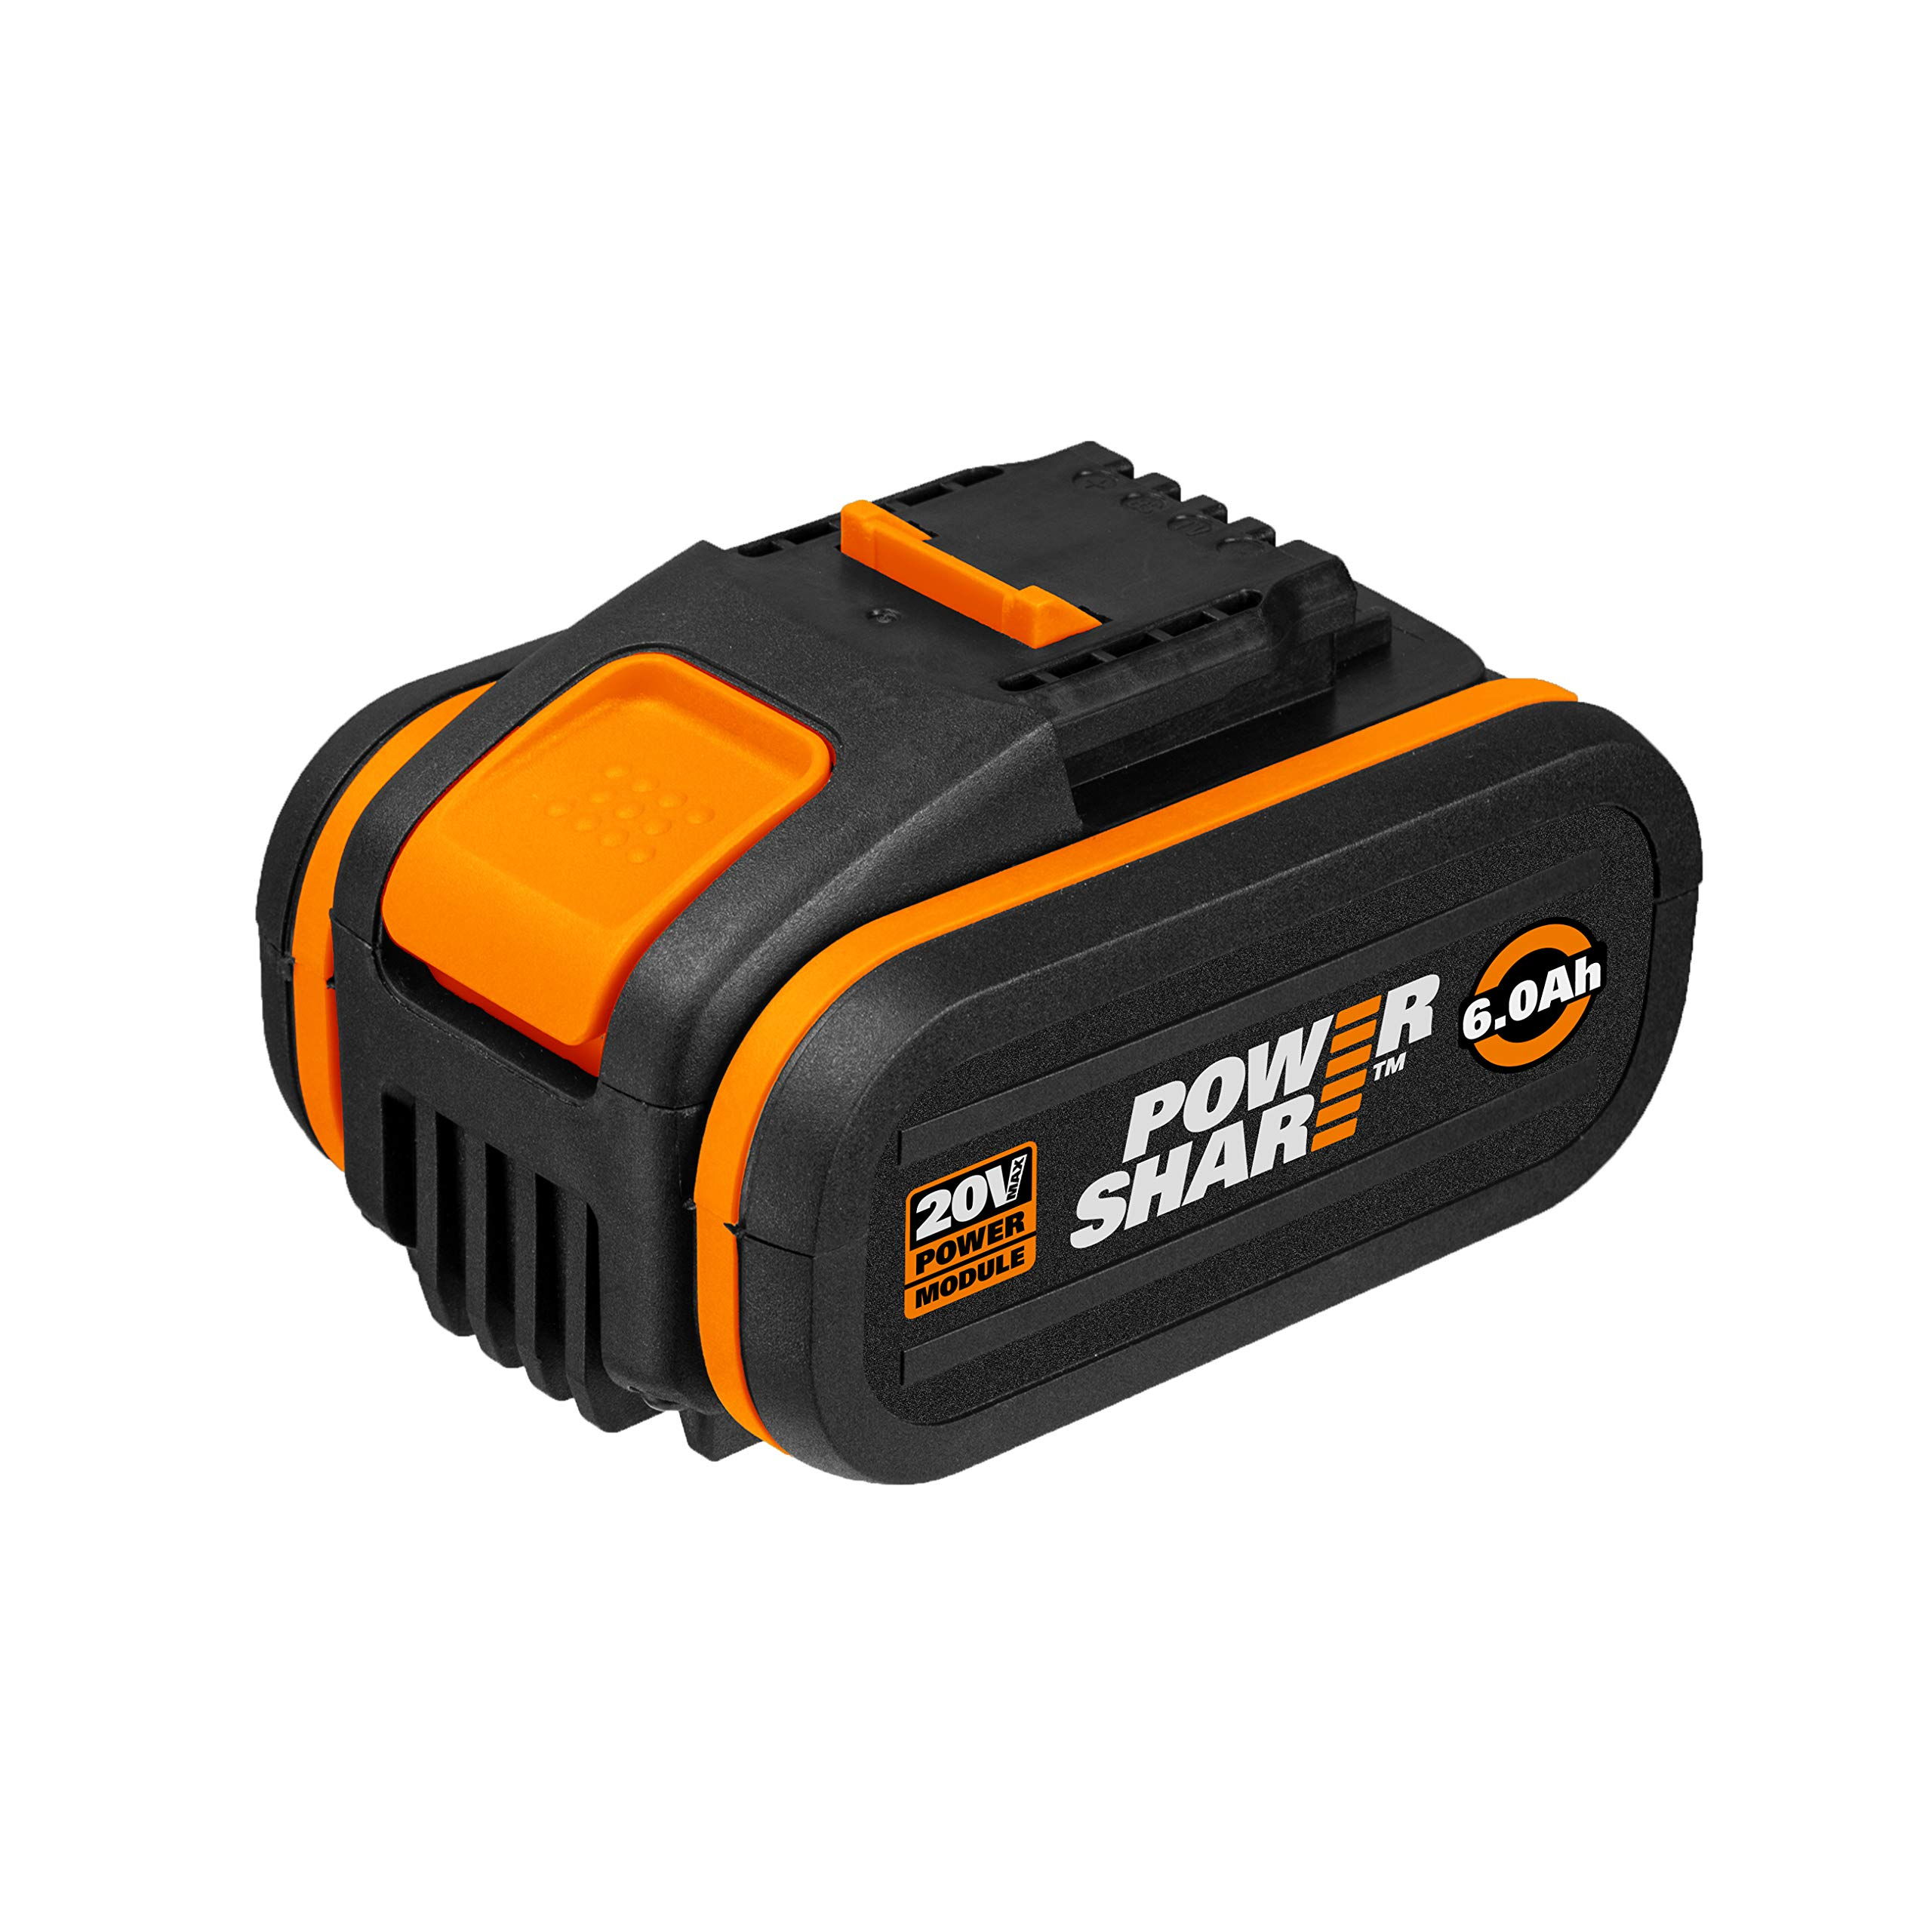 Worx WA364120V 6.0Ah Lithium-Akku Powershare, für alle Worx Geräte